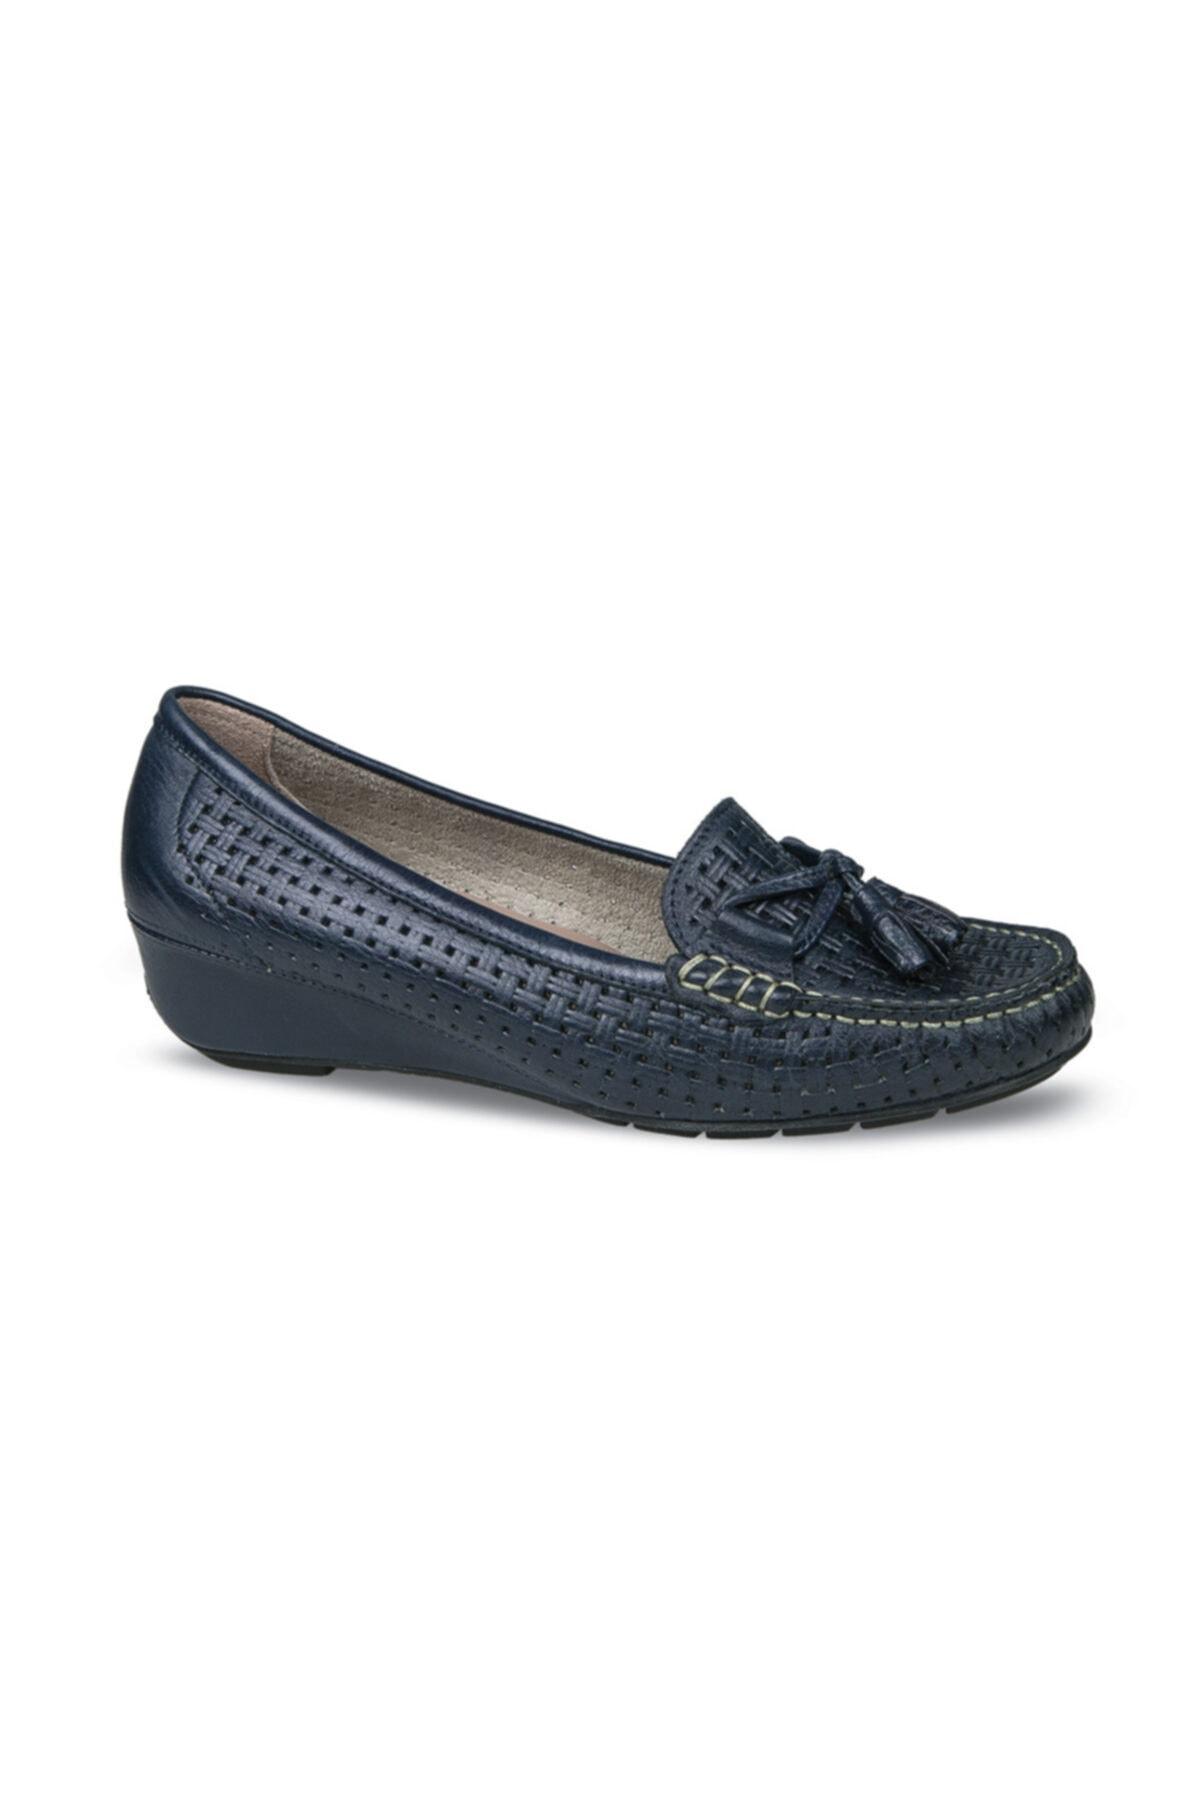 Ceyo Kadın Siyah Tokalı Ayakkabı